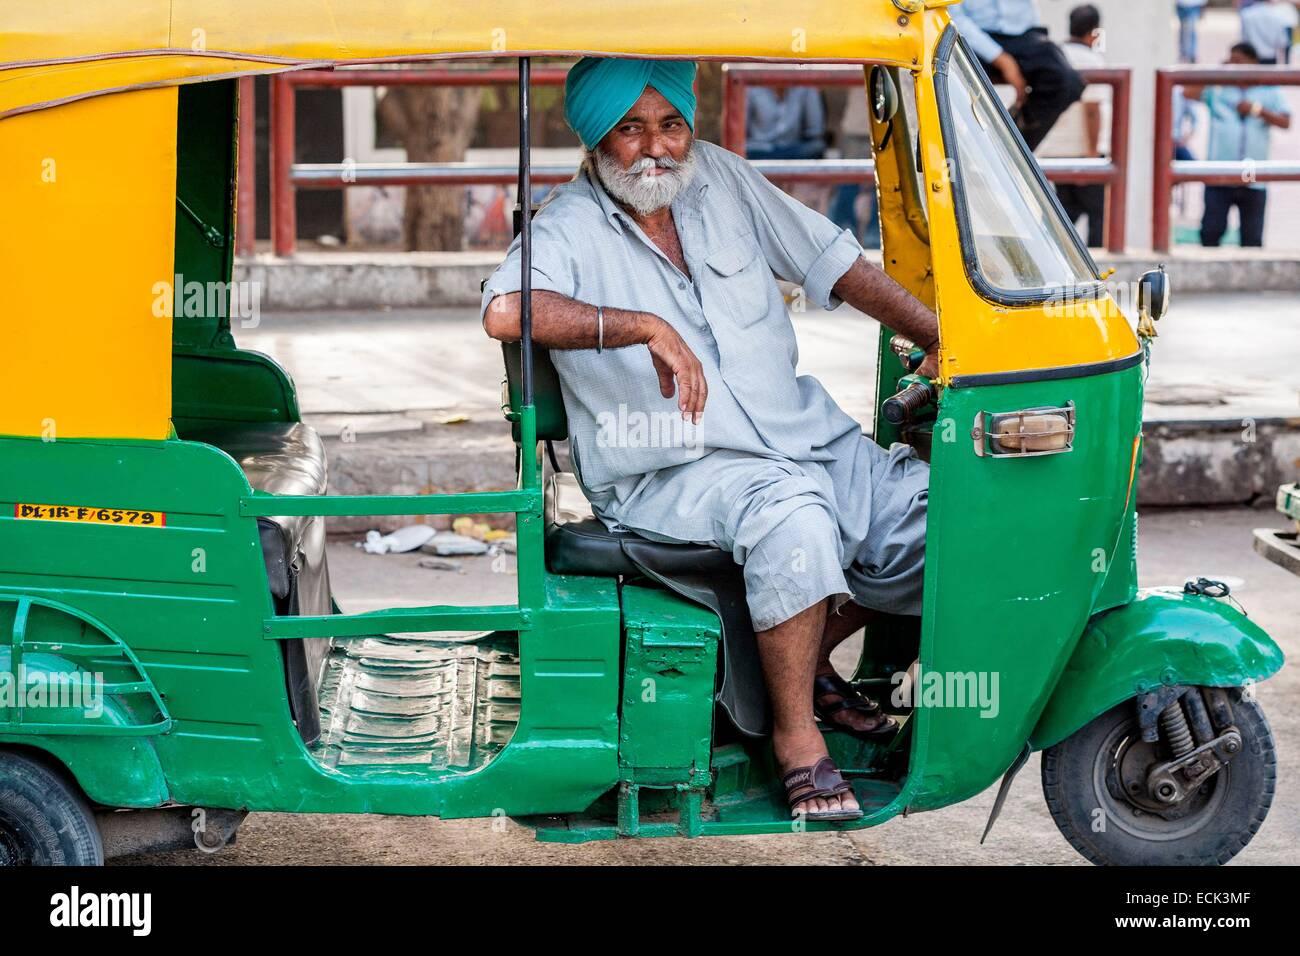 India, Nuova Delhi, Connaught Place, risciò motorizzati conducente Immagini Stock